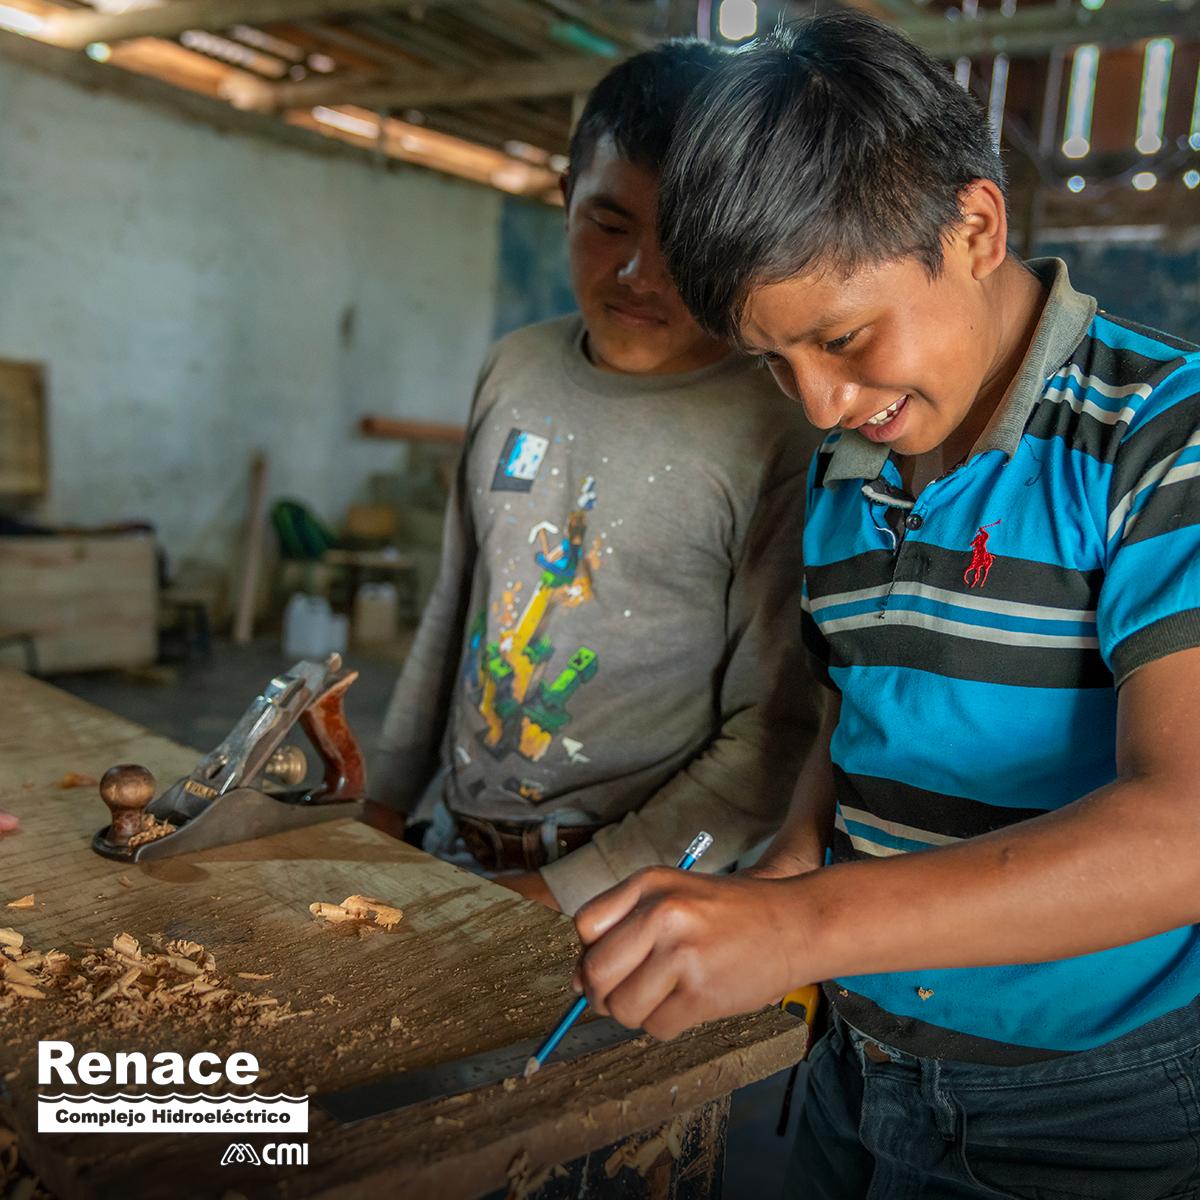 Renace genera espacios para que los jóvenes maximicen sus habilidades y las conviertan en herramientas que mejoren sus condiciones, a través del Programa de Desarrollo Social Sostenible Formación para la Vida. #DíaMundialDeLasHabilidadesDeLaJuventud https://t.co/HrJoCfp3iD